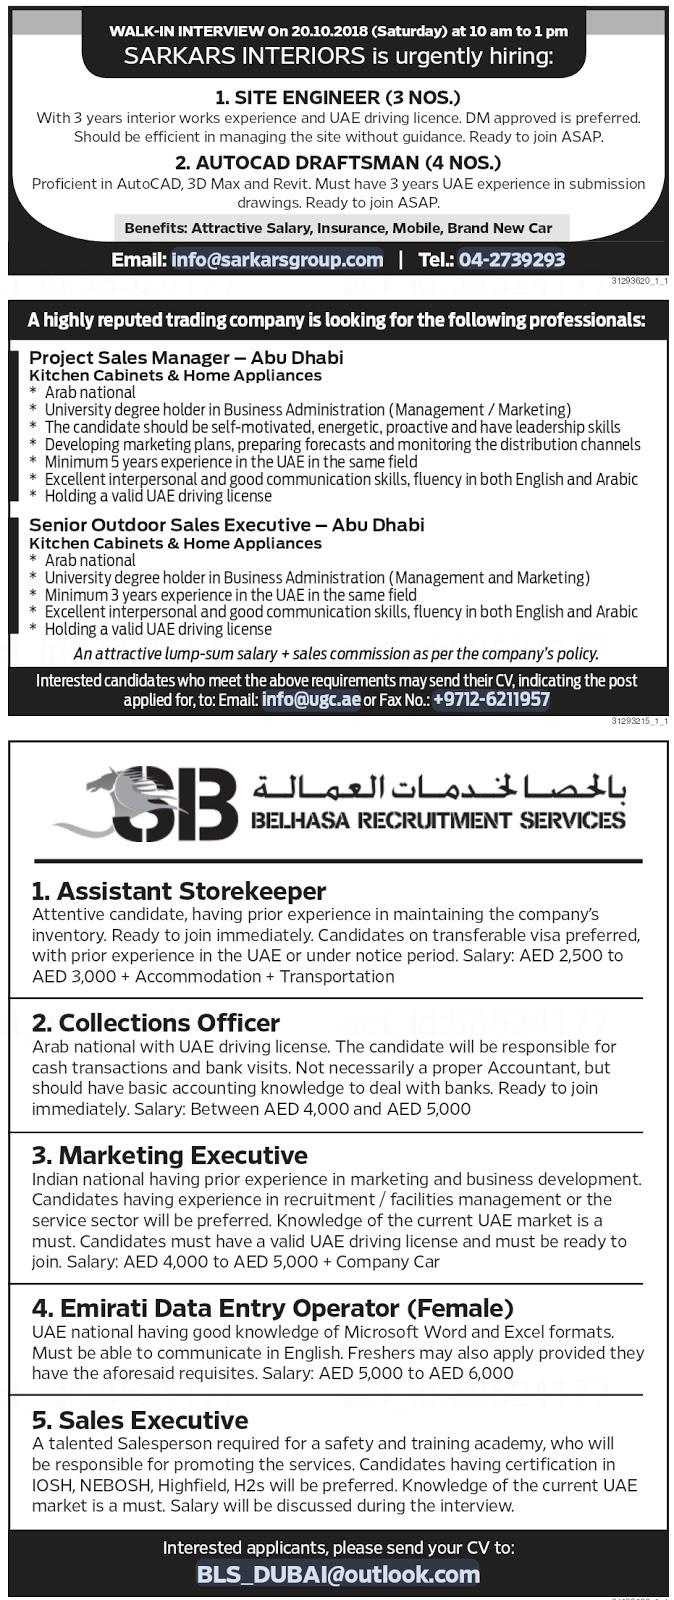 JOBS IN DUBAI Local Hiring Khaleej Times-UAE-2010112- Jobs